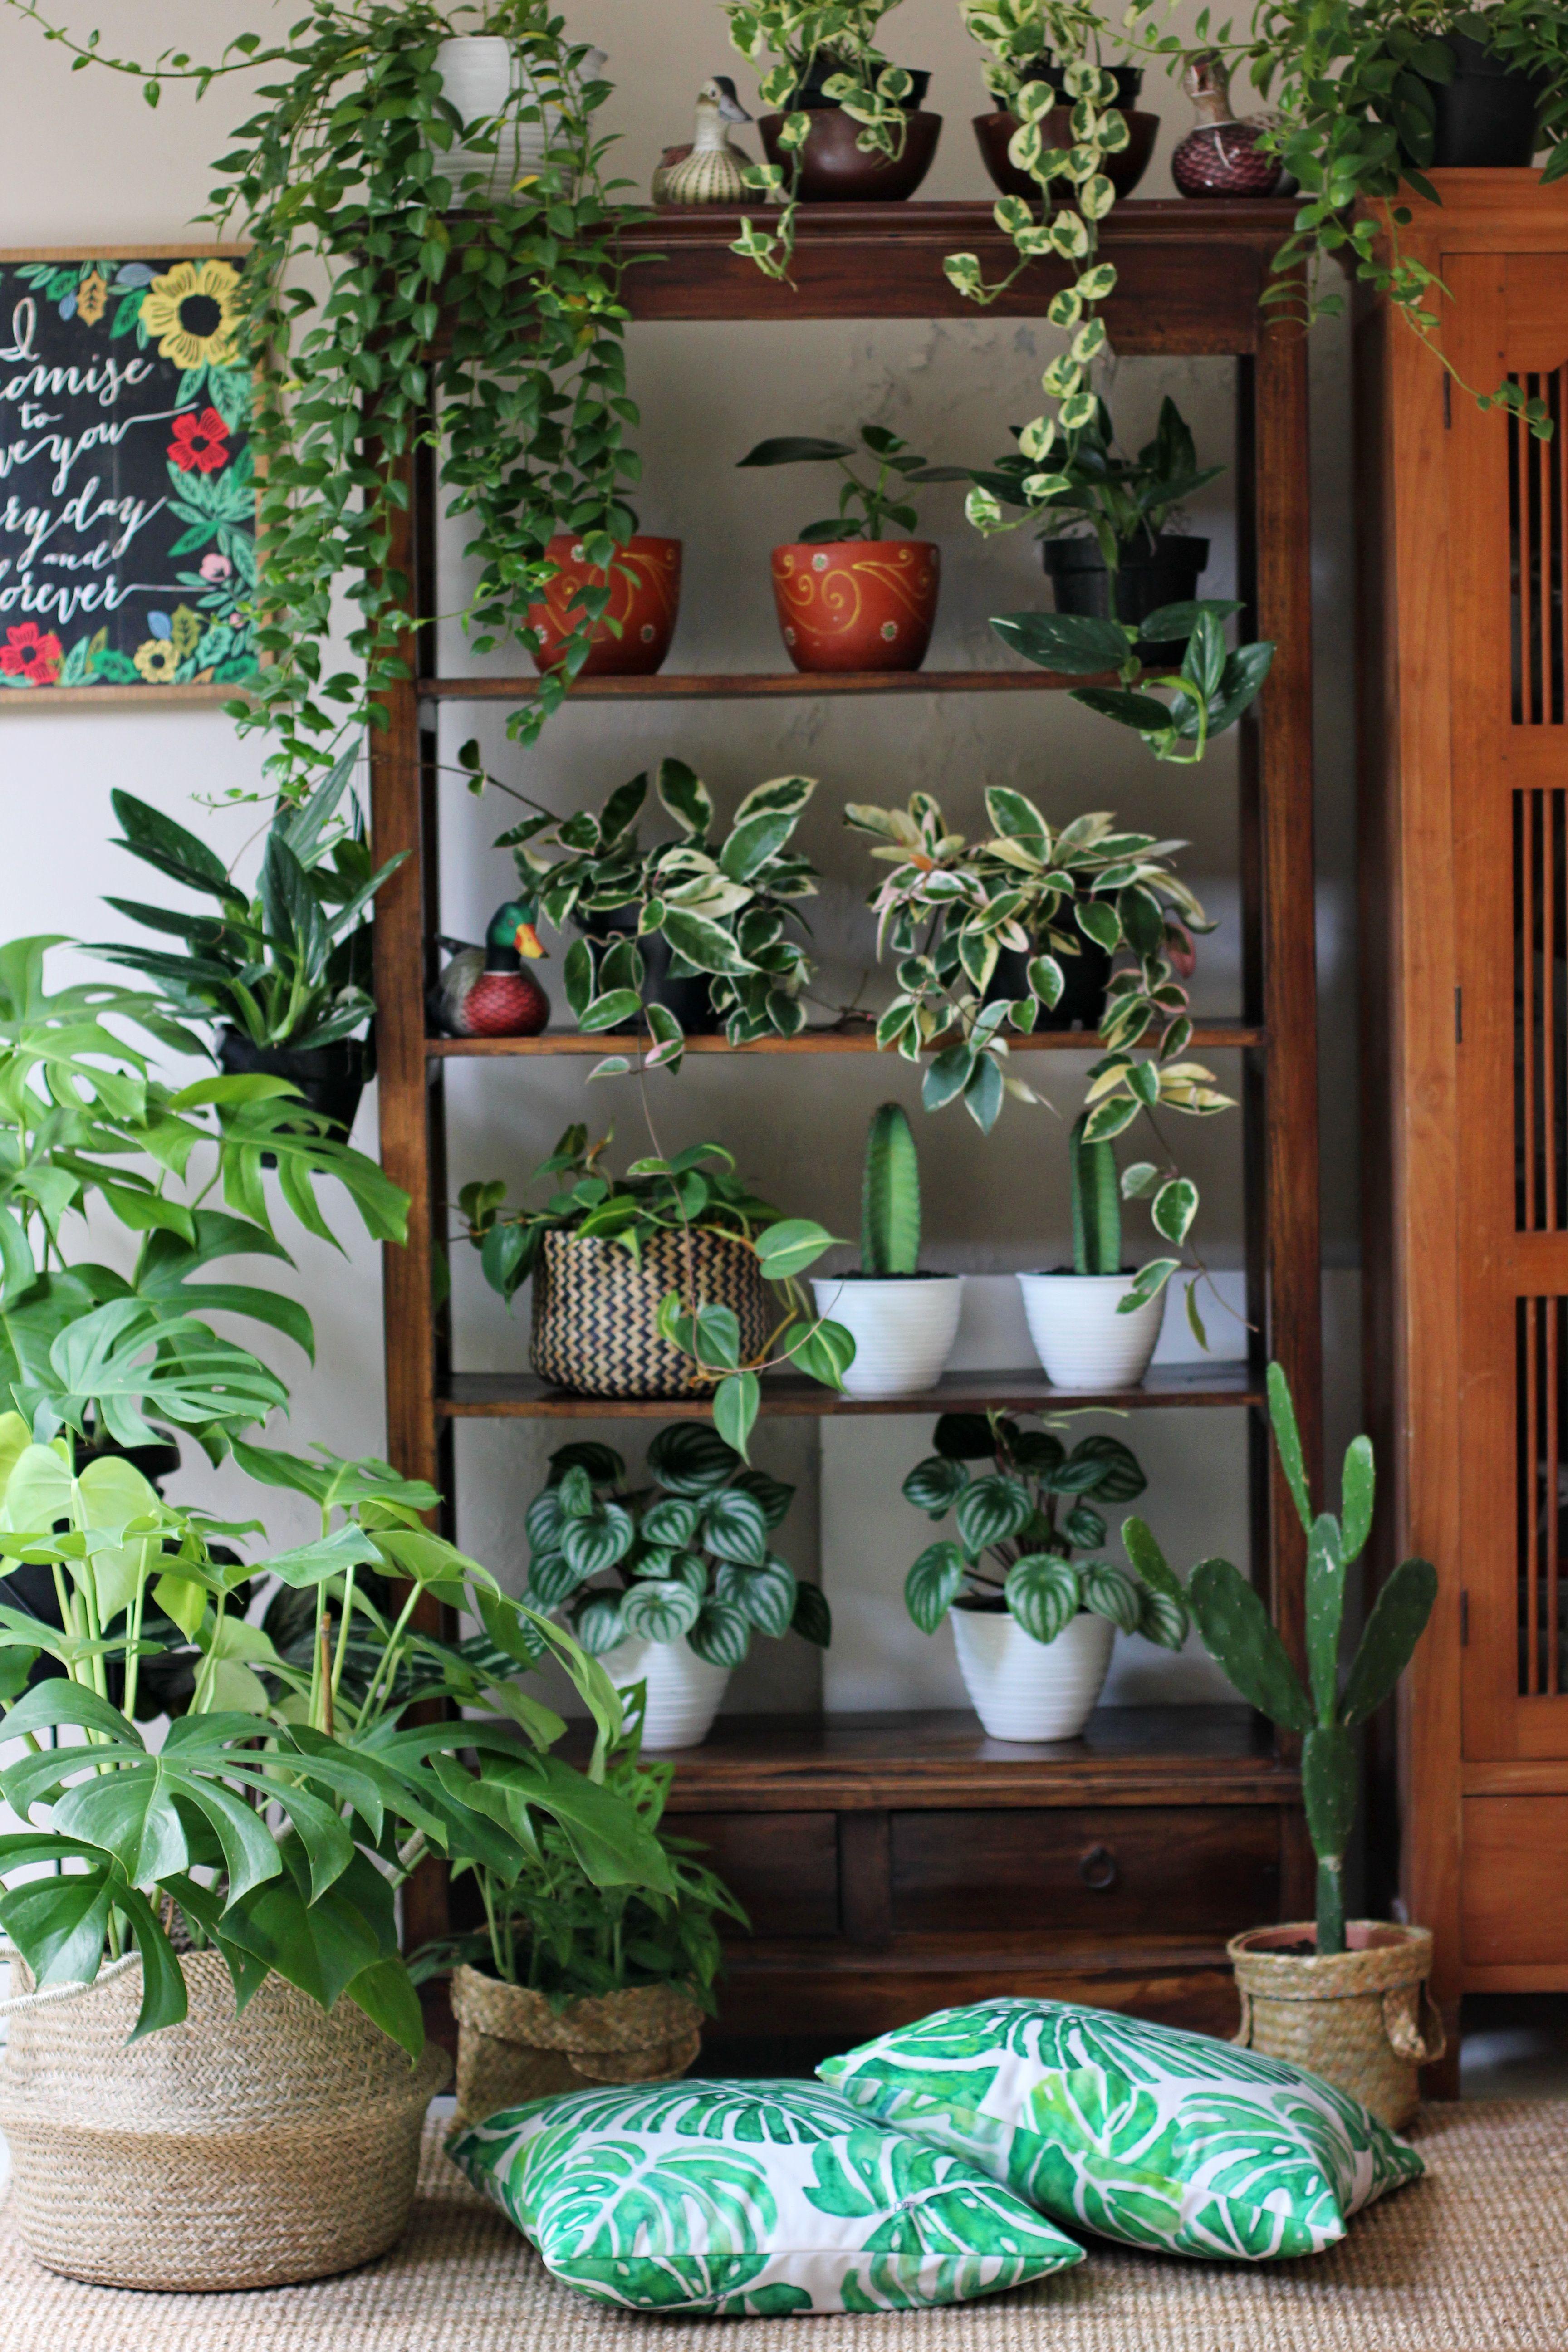 Plants on the shelf.